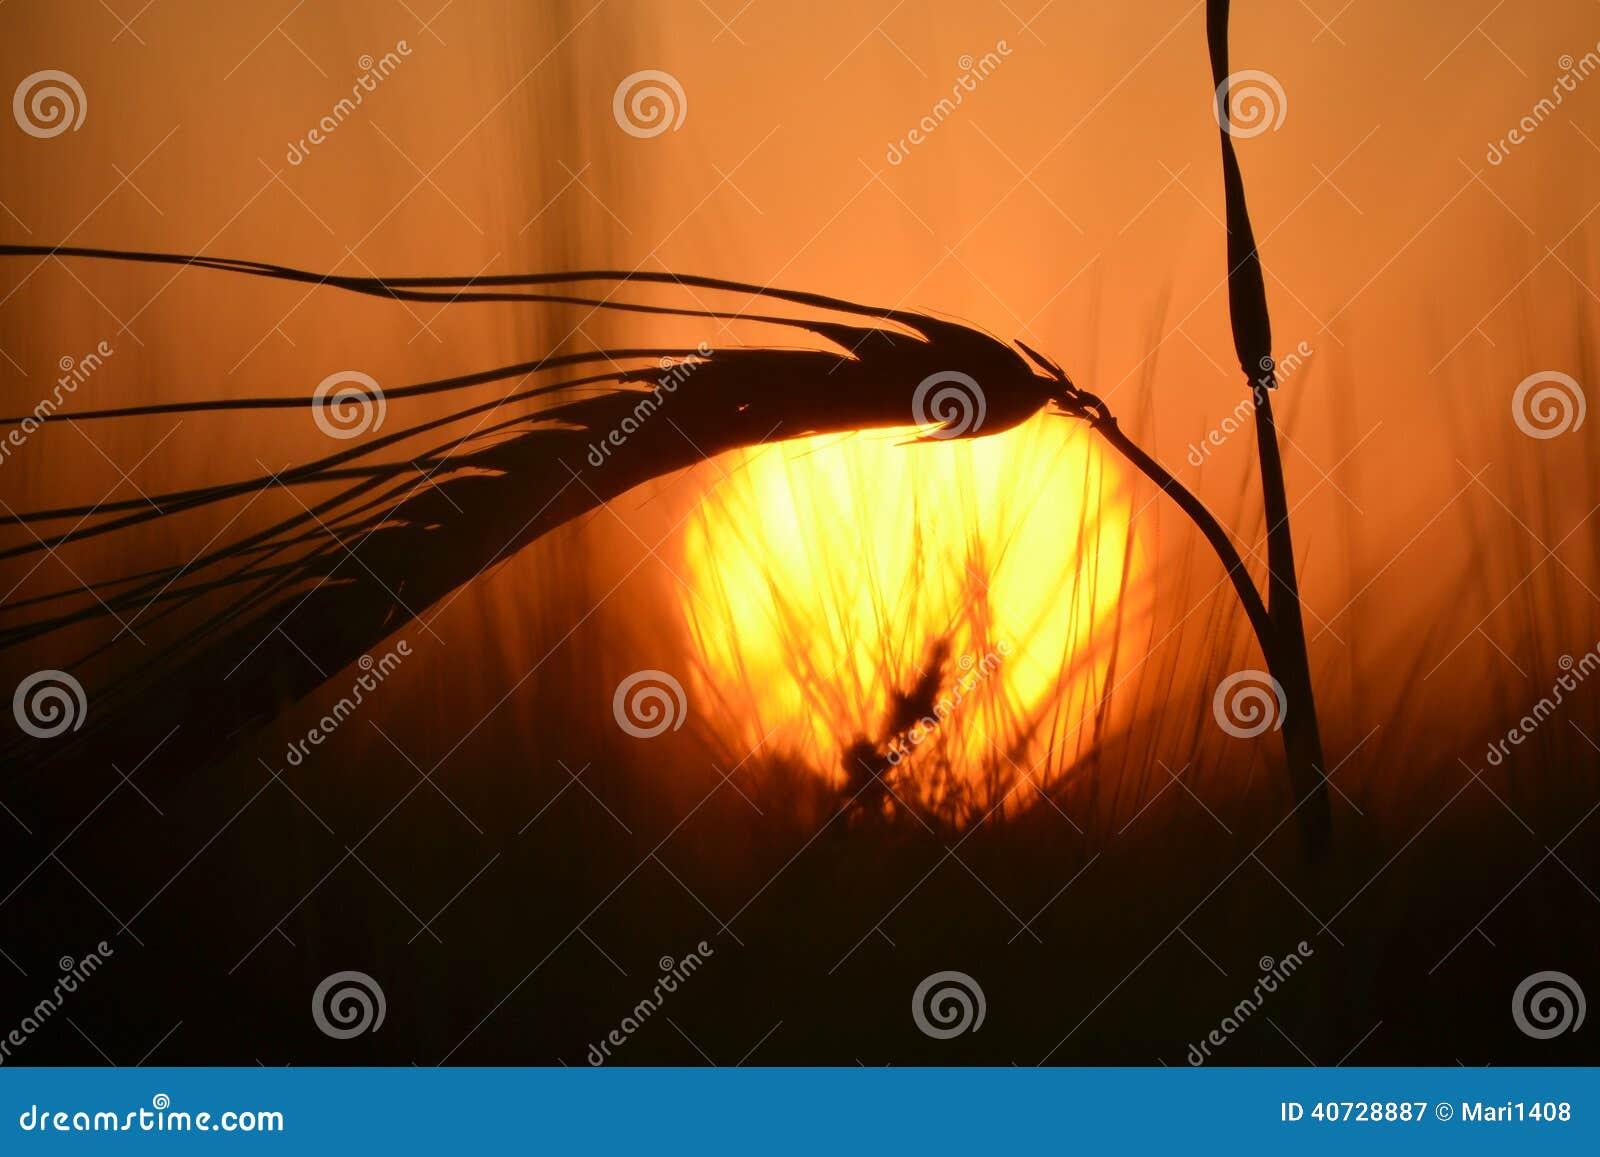 Stiel des Kornes bei Sonnenuntergang